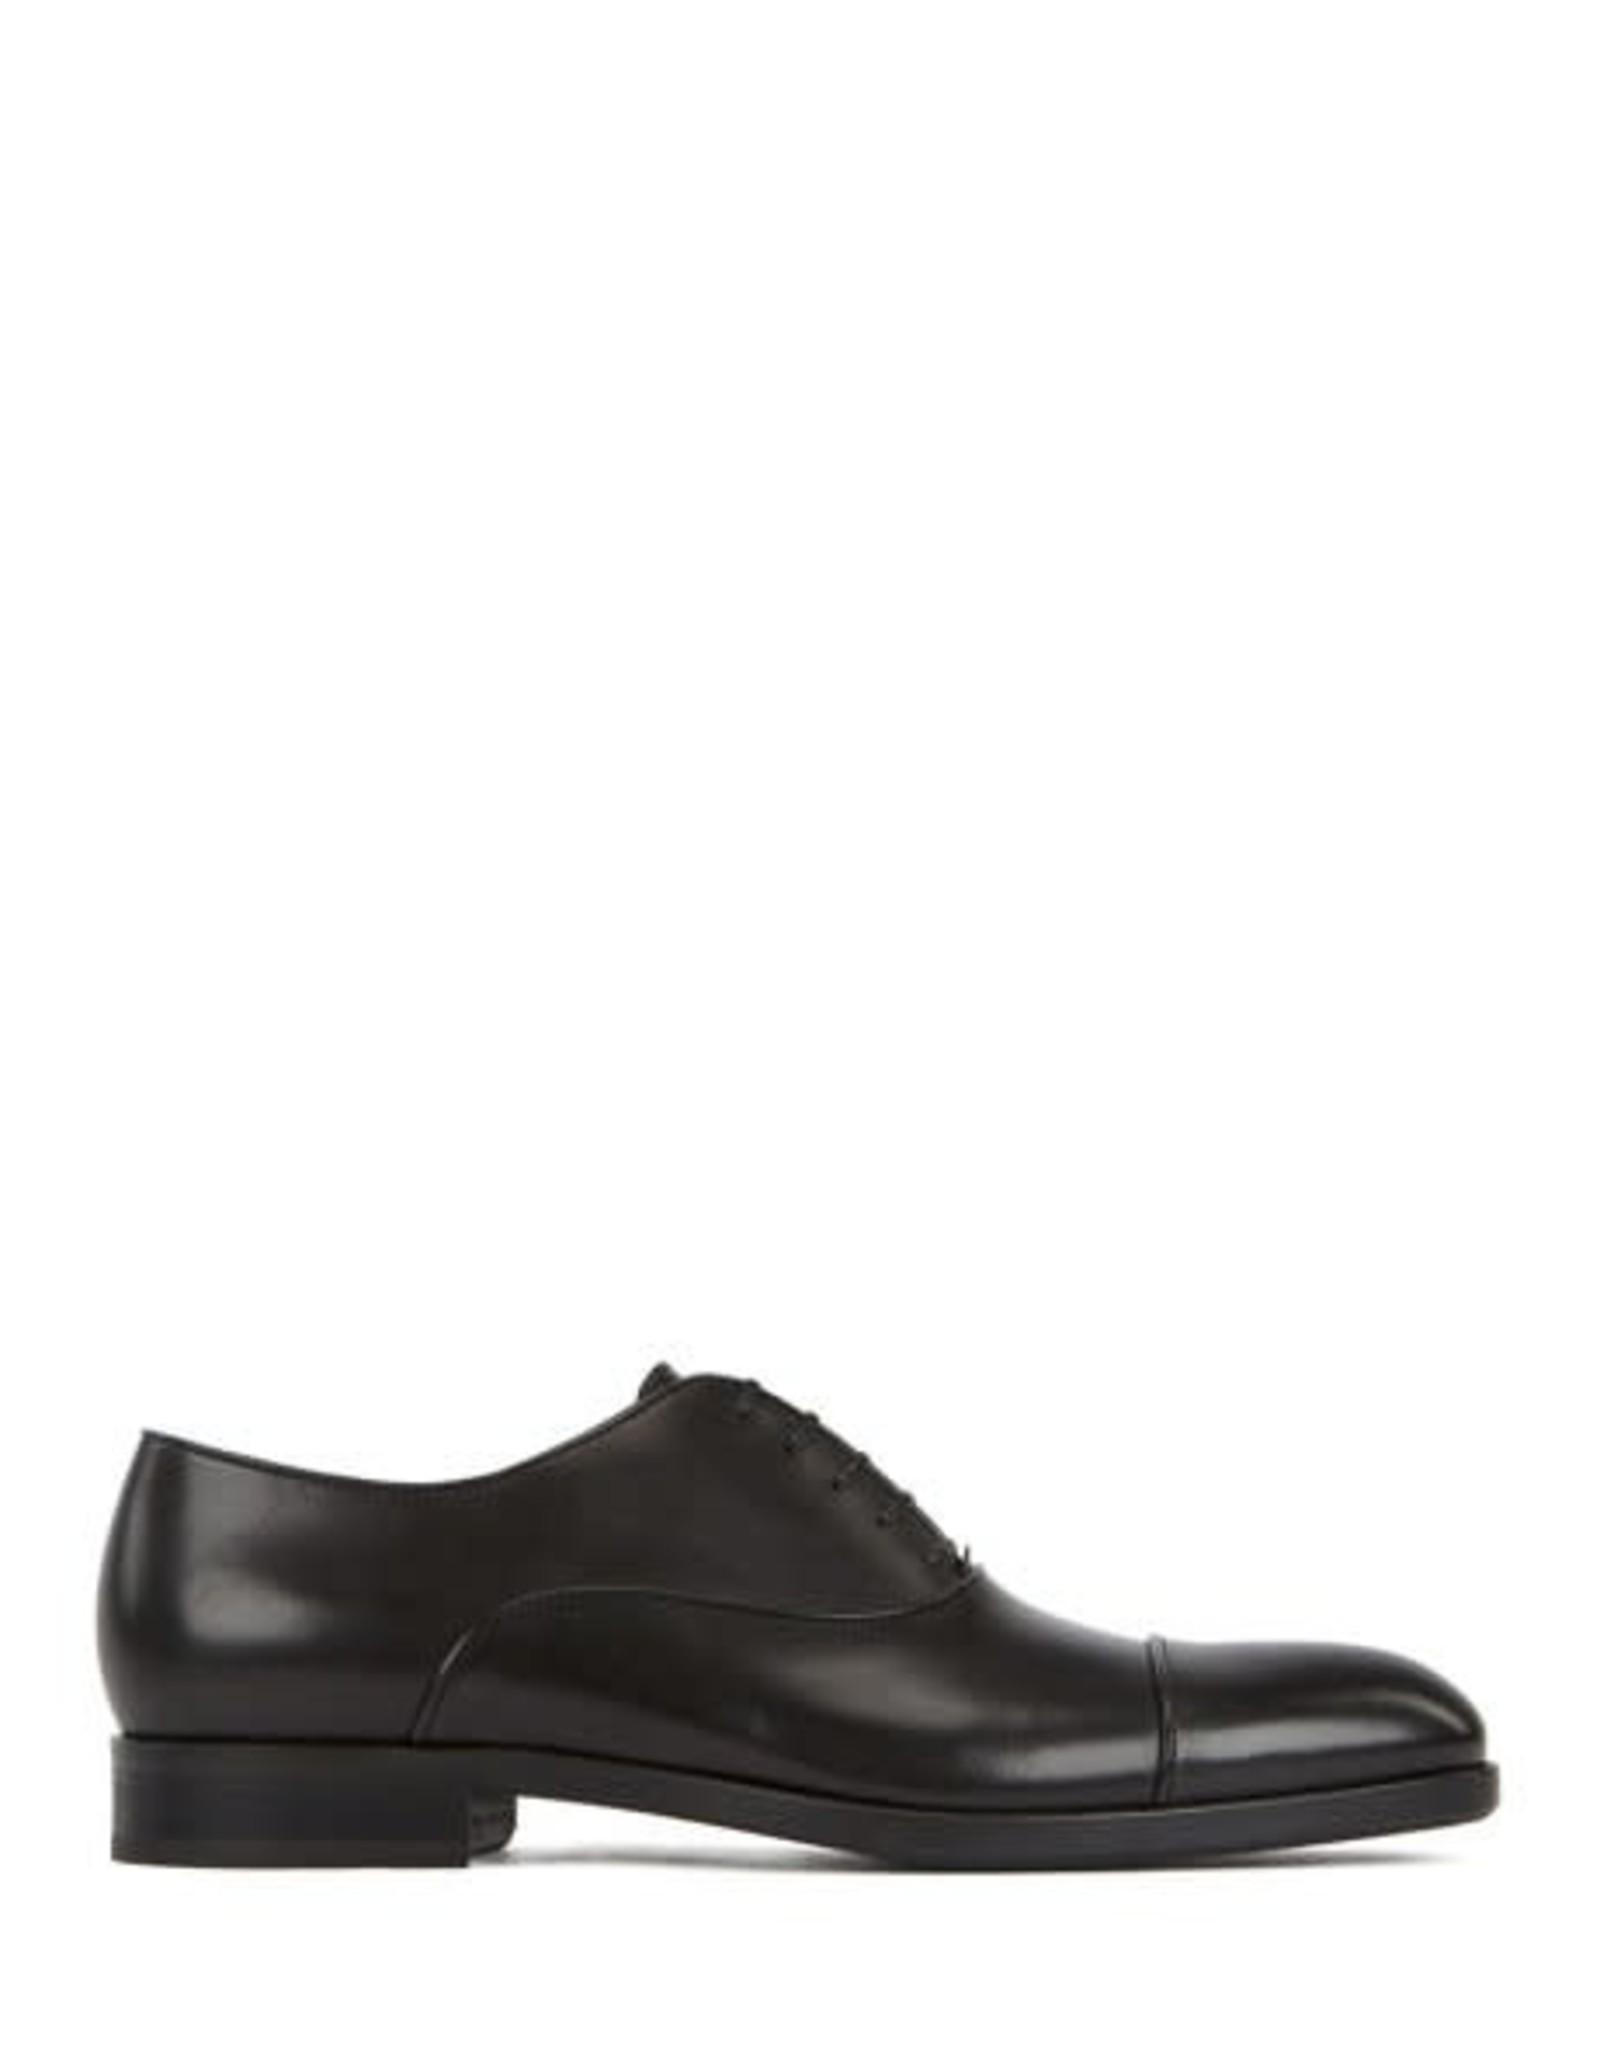 Hugo Boss Hugo Boss Stanford Oxford Dress Shoe